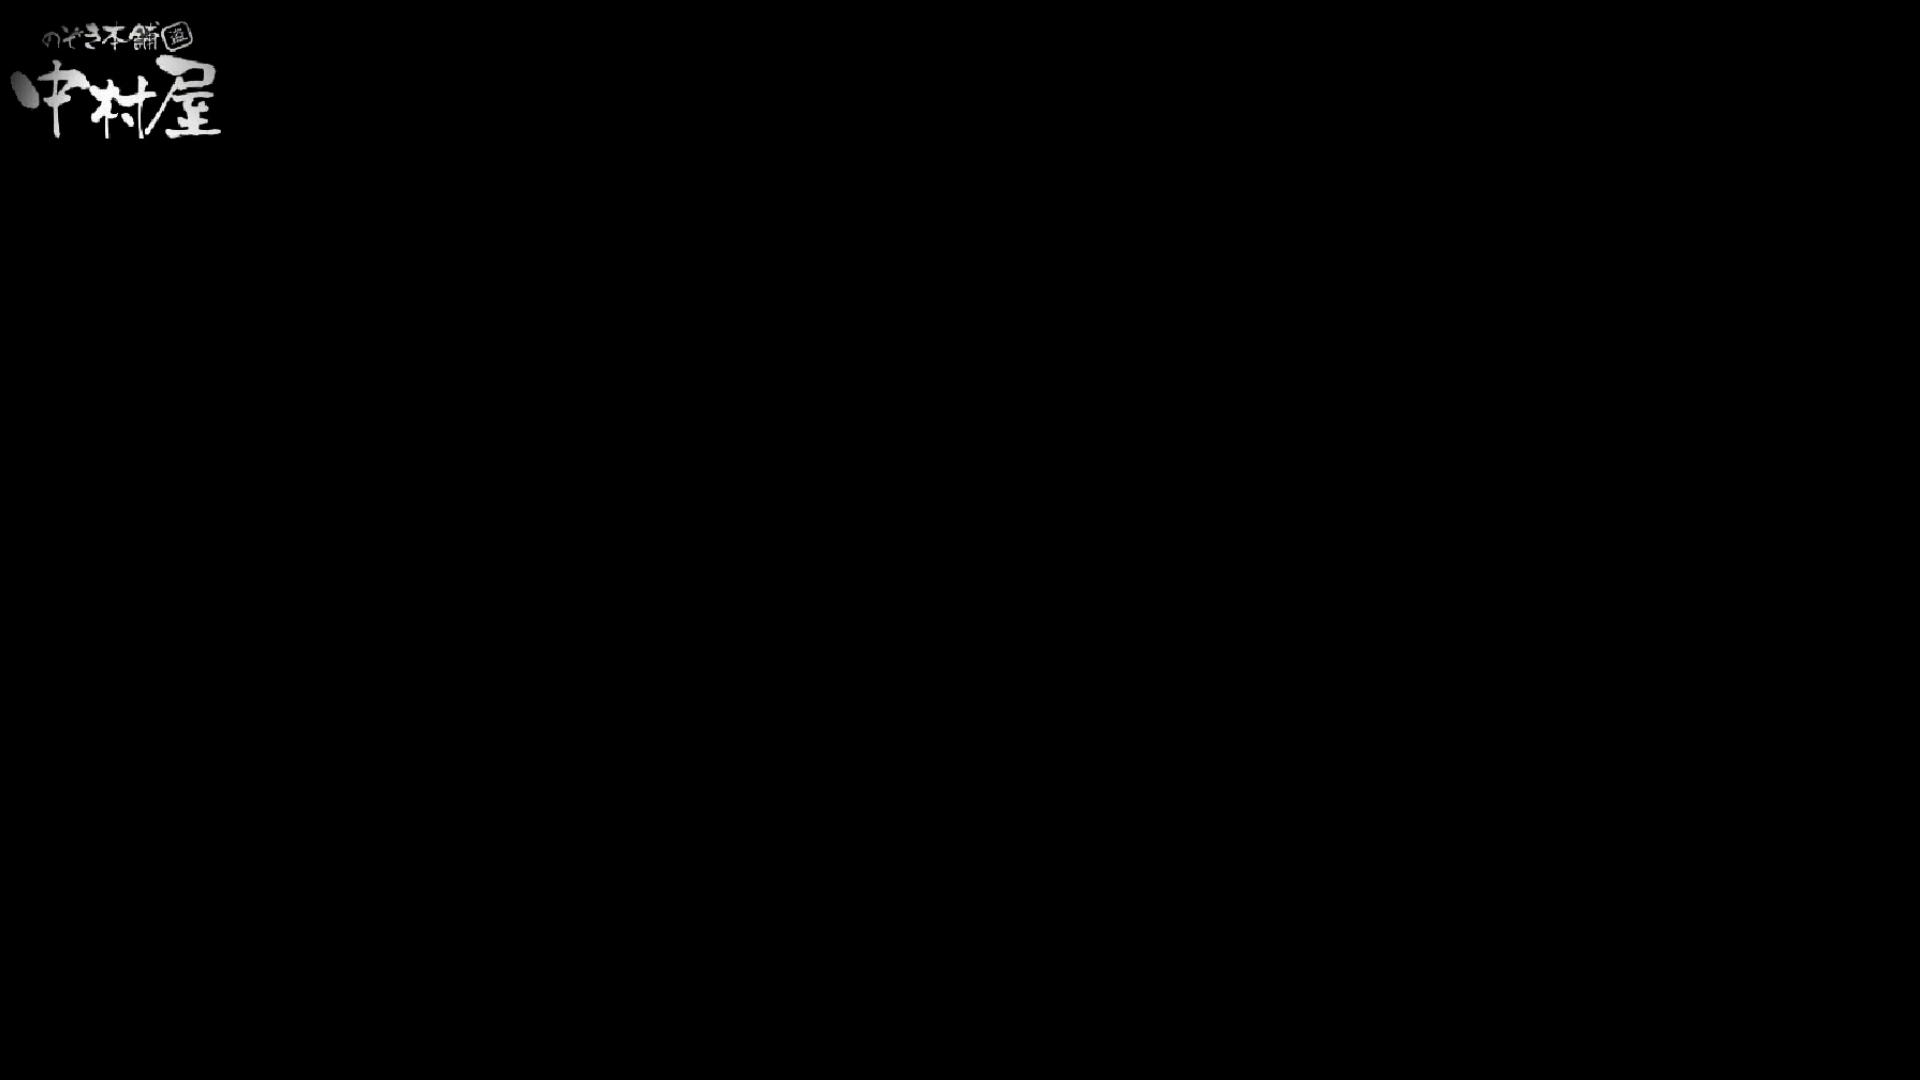 雅さんが厳選新年特別コンテンツ!激走!東京マラソン選手専用女子トイレvol.9 和式トイレ オメコ動画キャプチャ 101pic 100